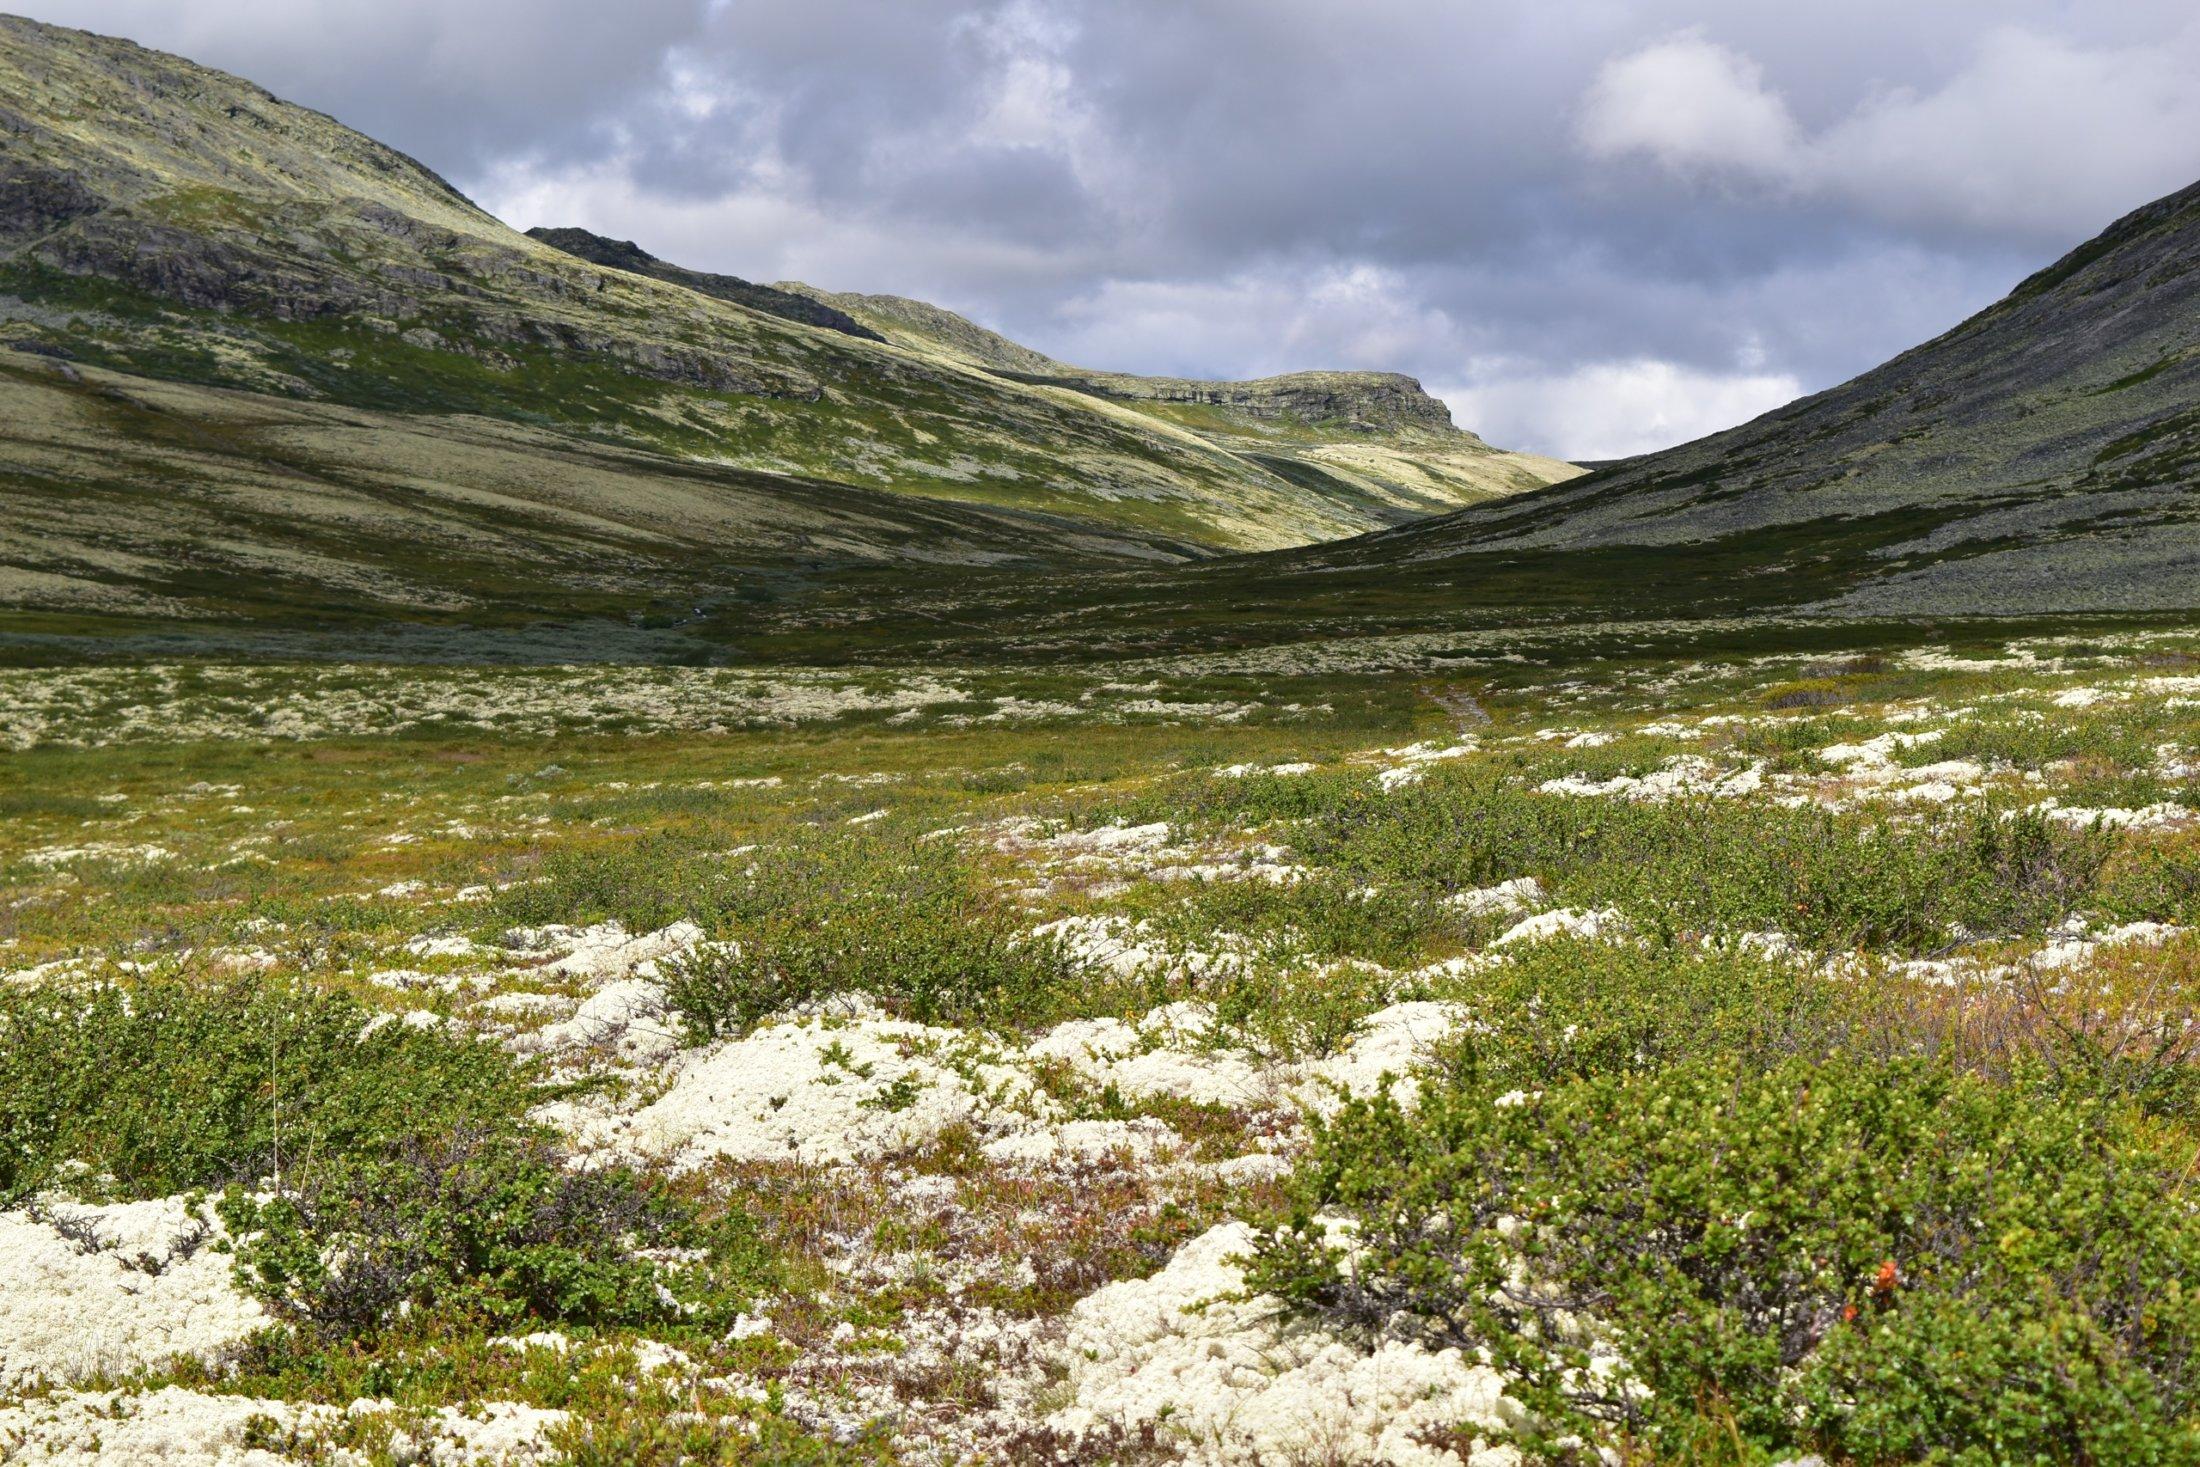 Uralte Landschaften